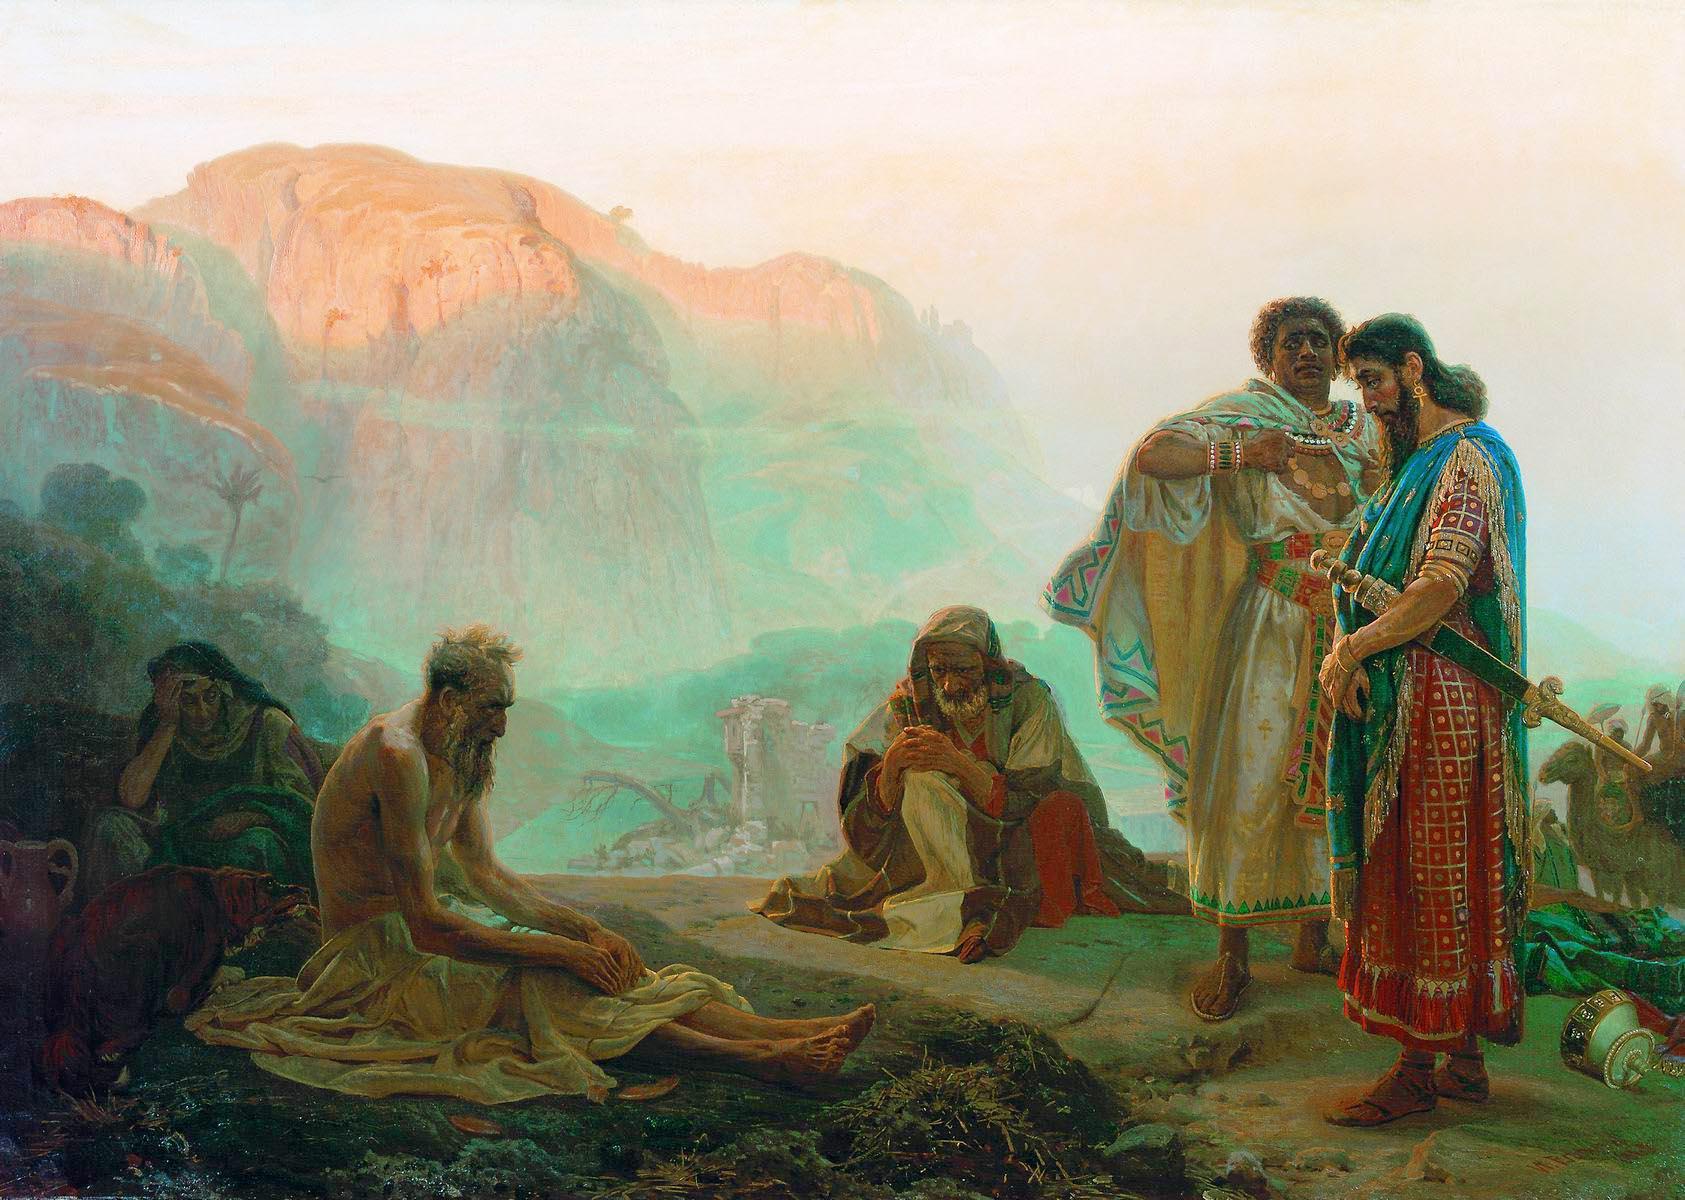 Иов и его друзья. И. Репин. 1869 г. Государственный Русский музей, СПб